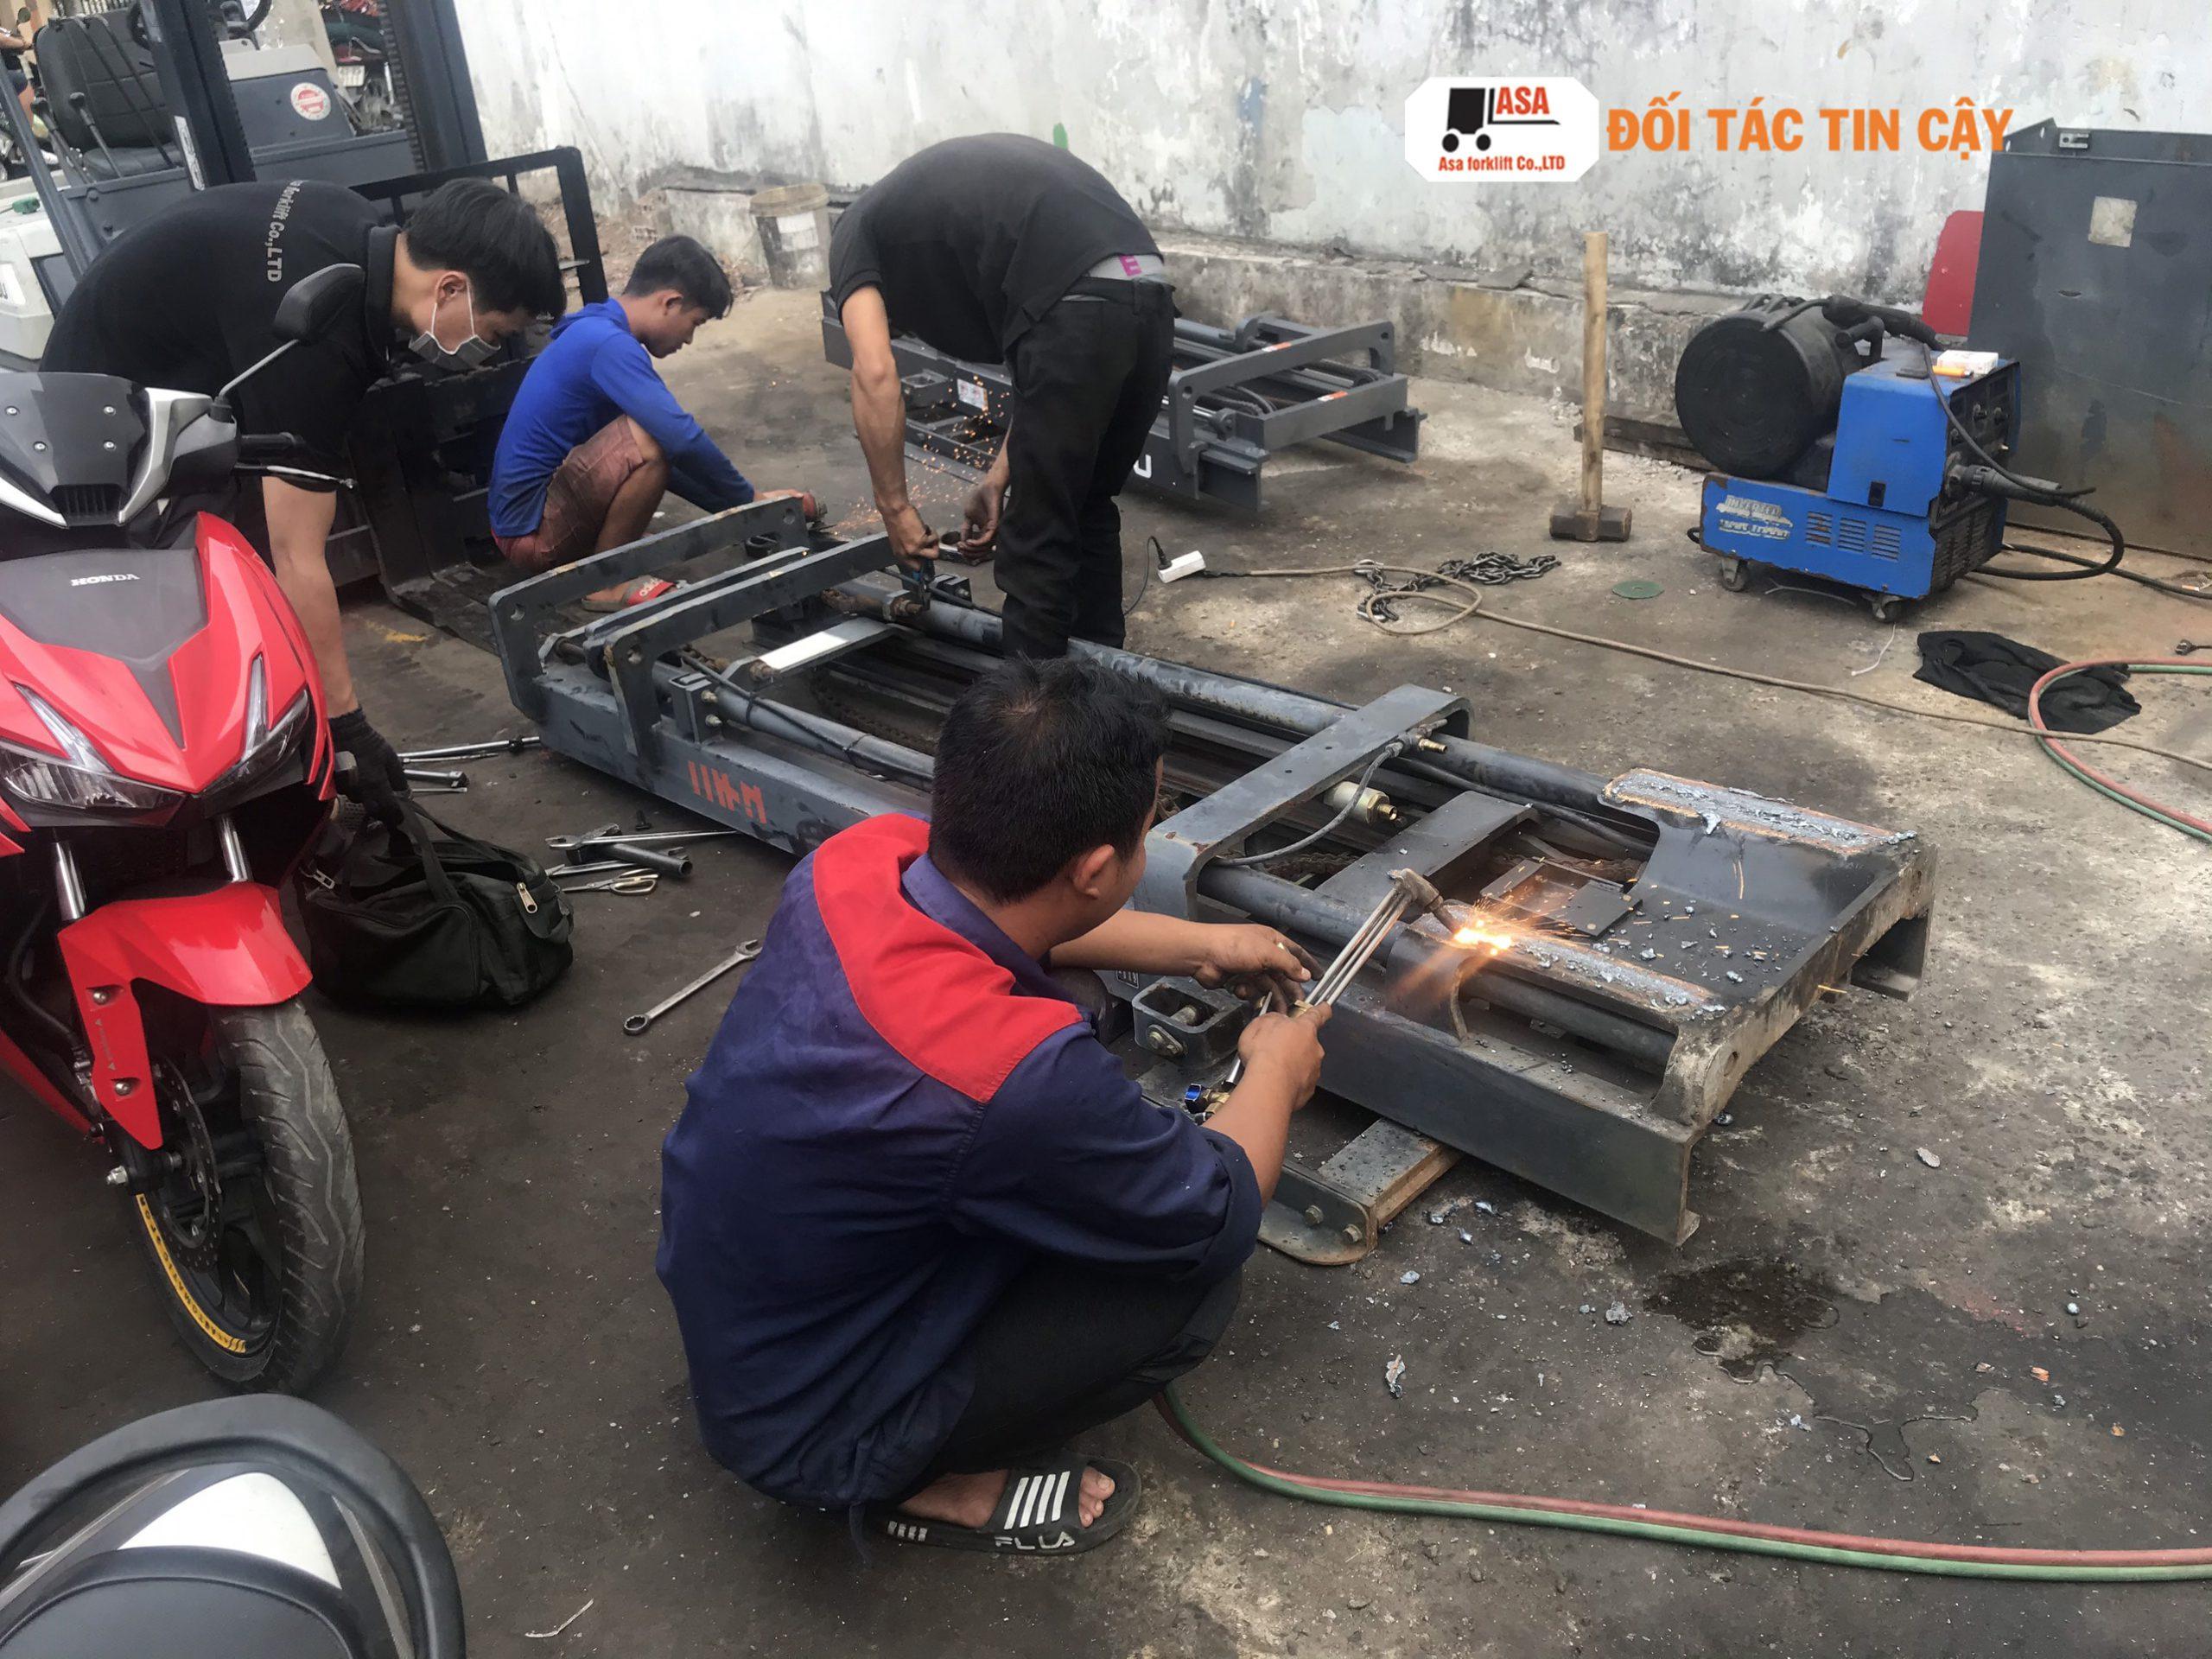 Sửa xe nâng hàng đòi hỏi phải có chuyên môn kỹ thuật cao. nếu không sẽ gây ra thiệt hại nặng hơn